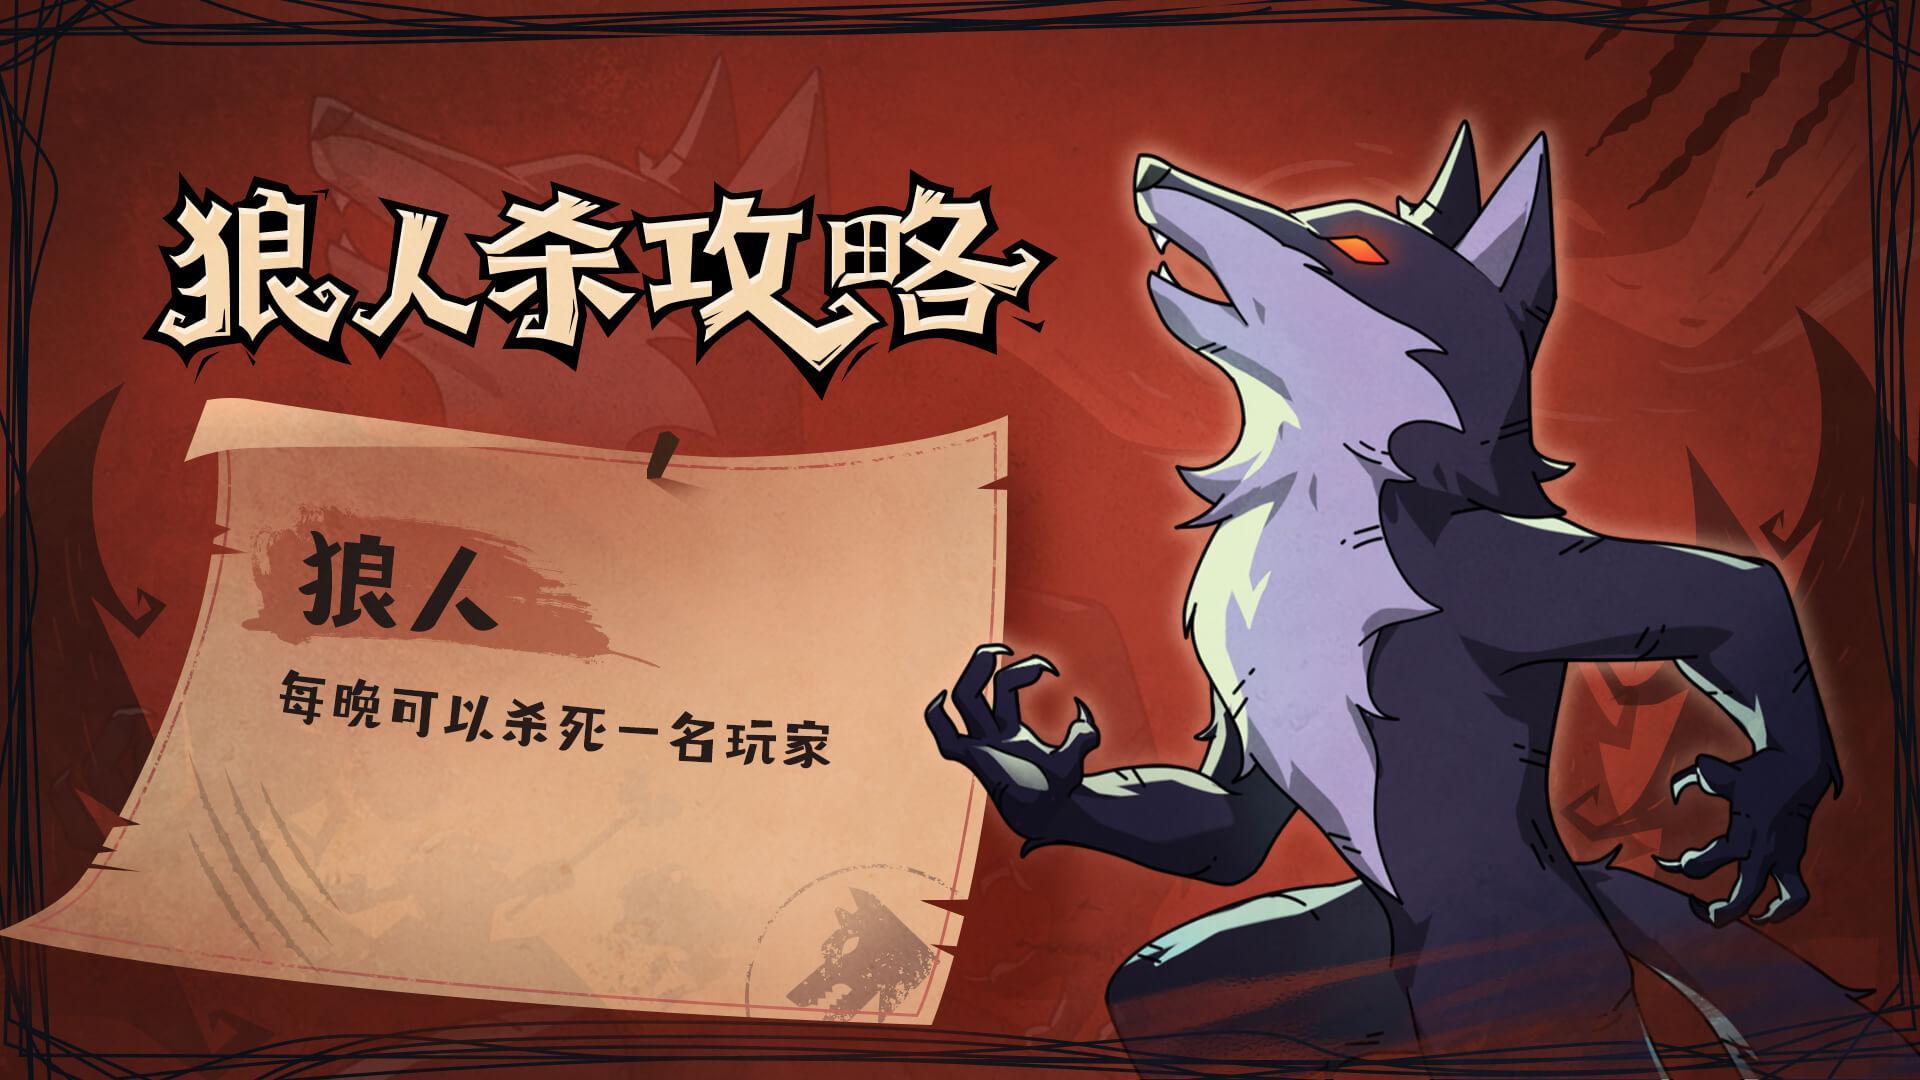 狼人杀倒钩狼怎么玩